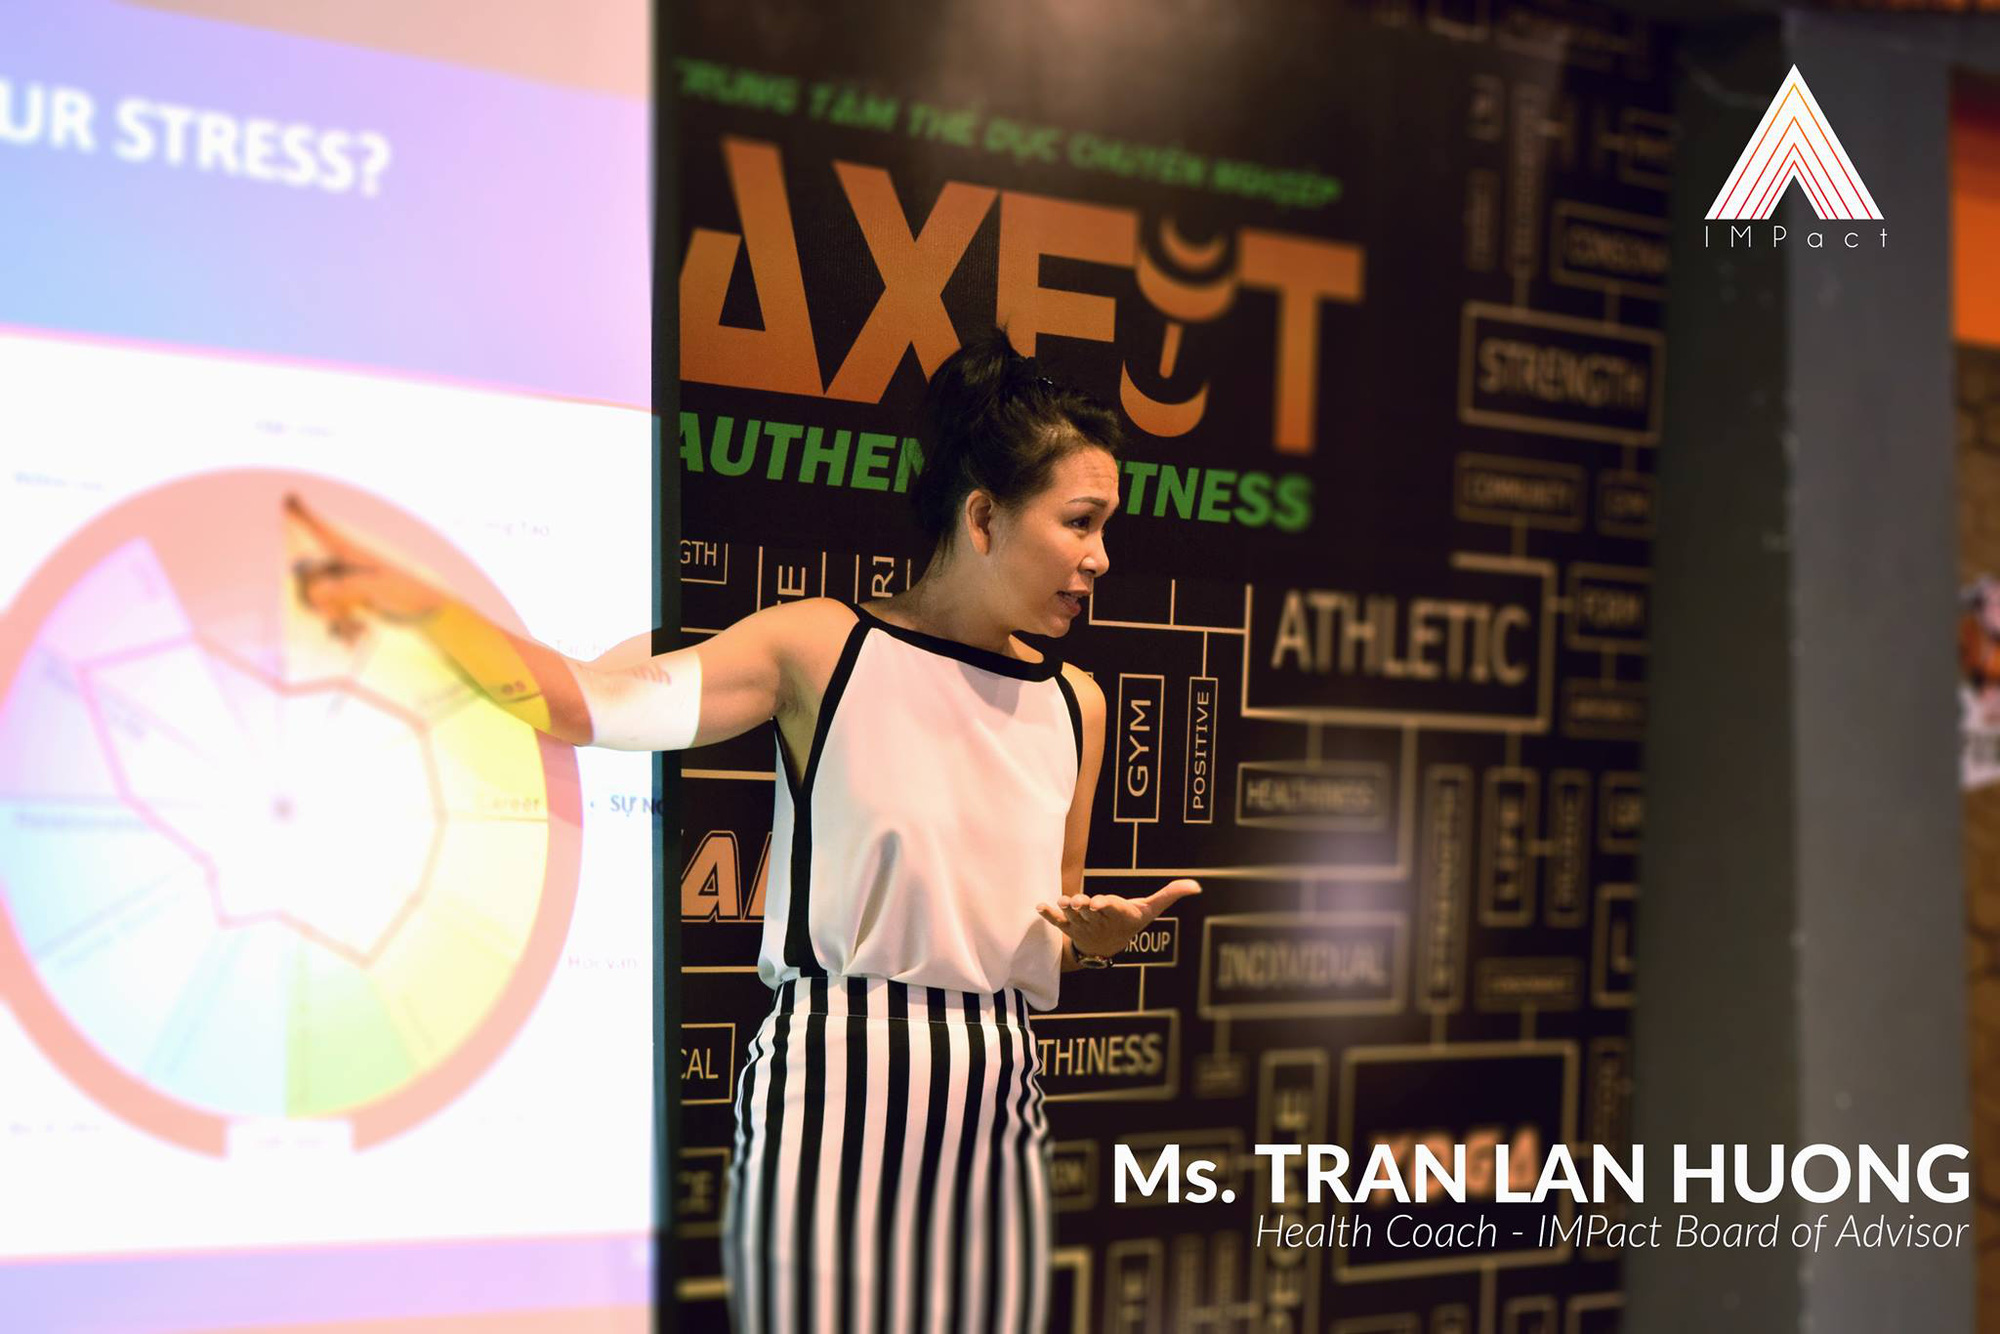 """Health Coach Trần Lan Hương: """"Trong mùa dịch này, việc tập thở rất quan trọng"""" - Ảnh 1."""